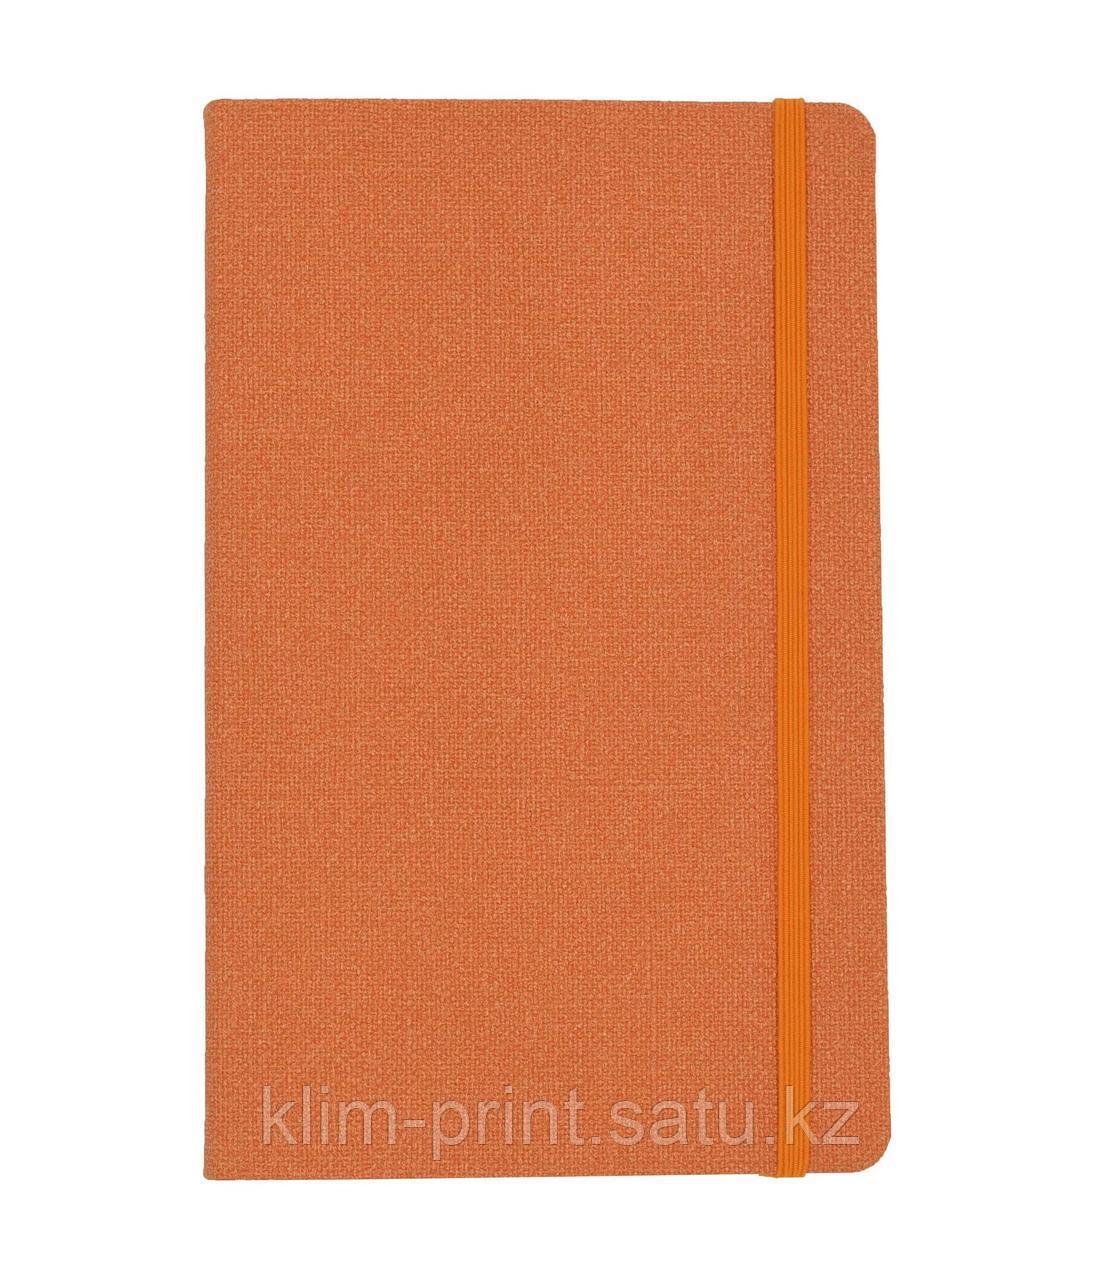 Блокнот, от Lediberg, итальянского производителя, A5 формата (ярко-оранжевый)